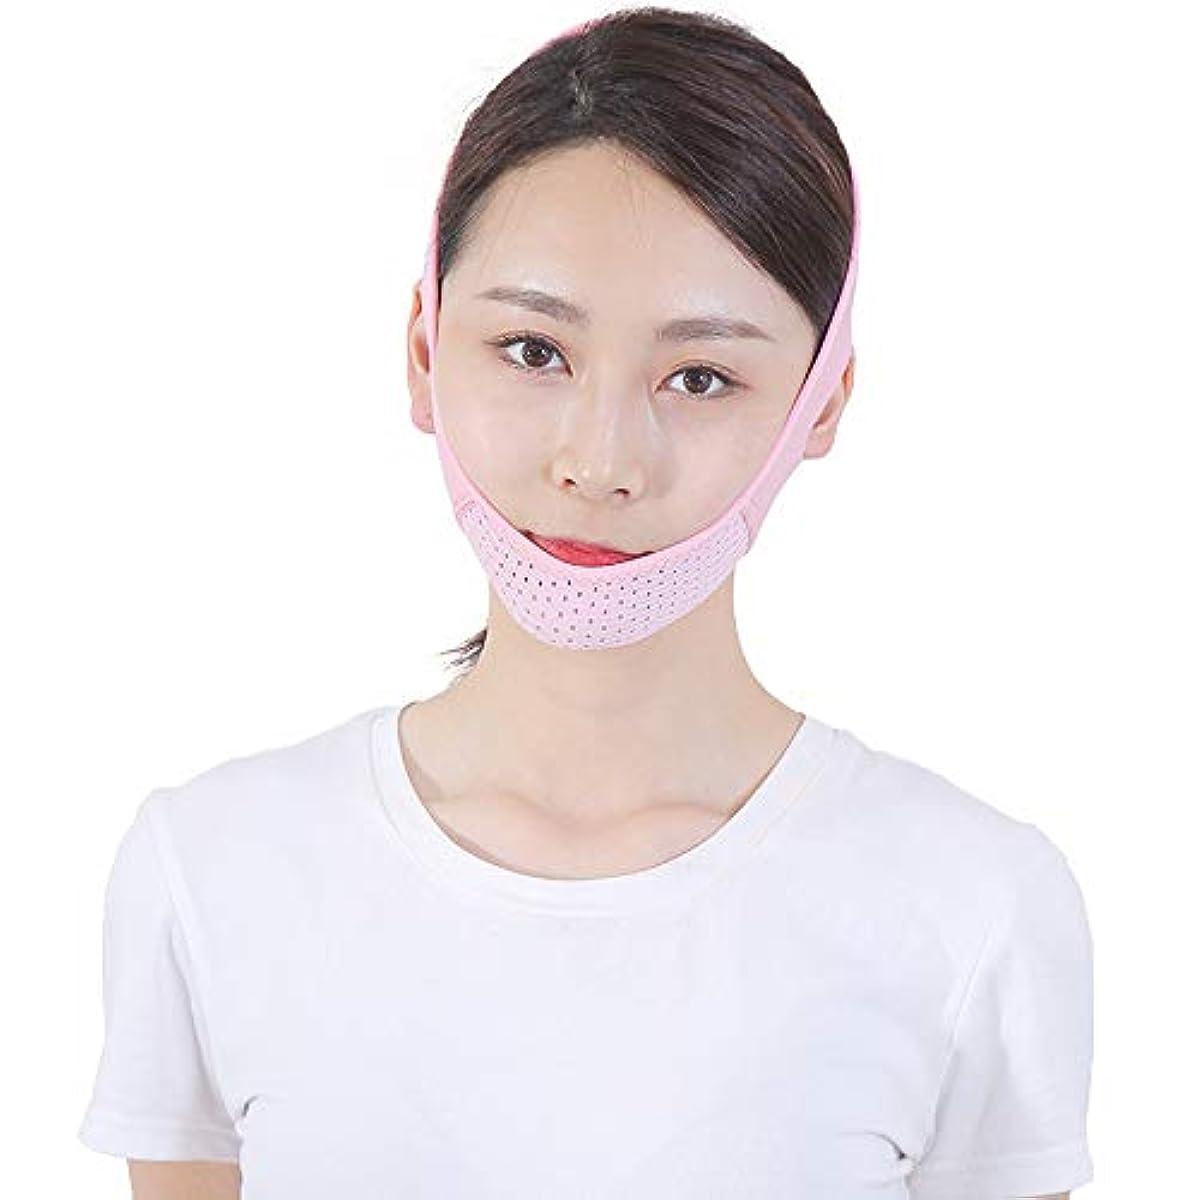 シプリーバルセロナローマ人GYZ フェイシャルリフティング痩身ベルトフェイススリムゲットダブルチンアンチエイジングリンクルフェイスバンデージマスクシェイピングマスク顔を引き締めるダブルチンワークアウト Thin Face Belt